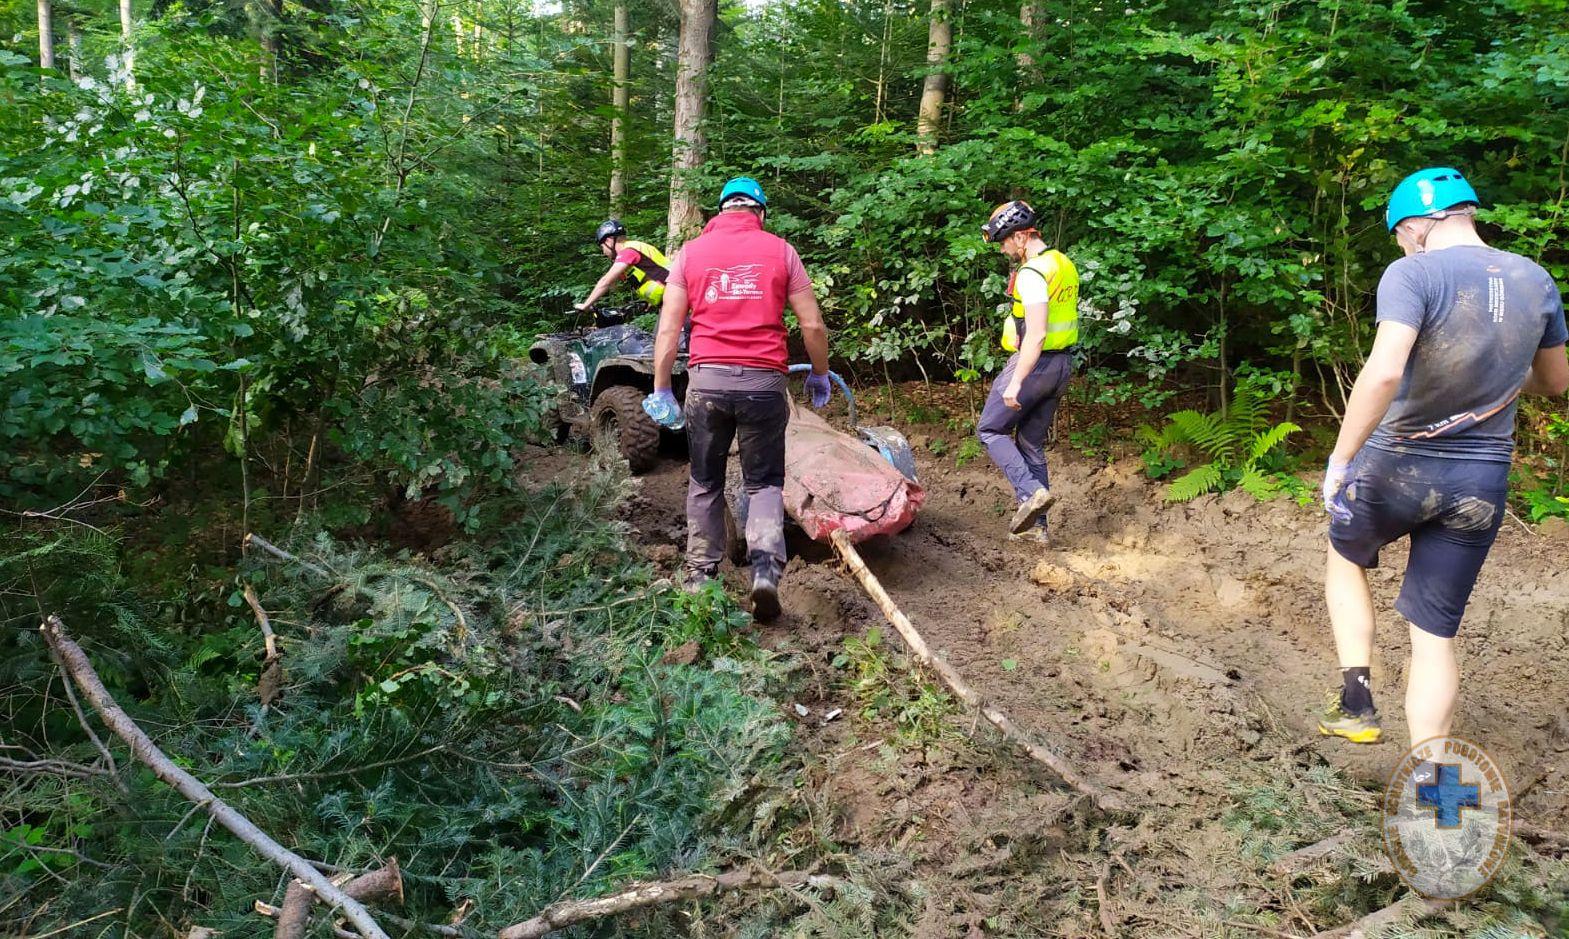 TRAGEDIA podczas prac w lesie! Drzewo runęło na mężczyznę! - Zdjęcie główne